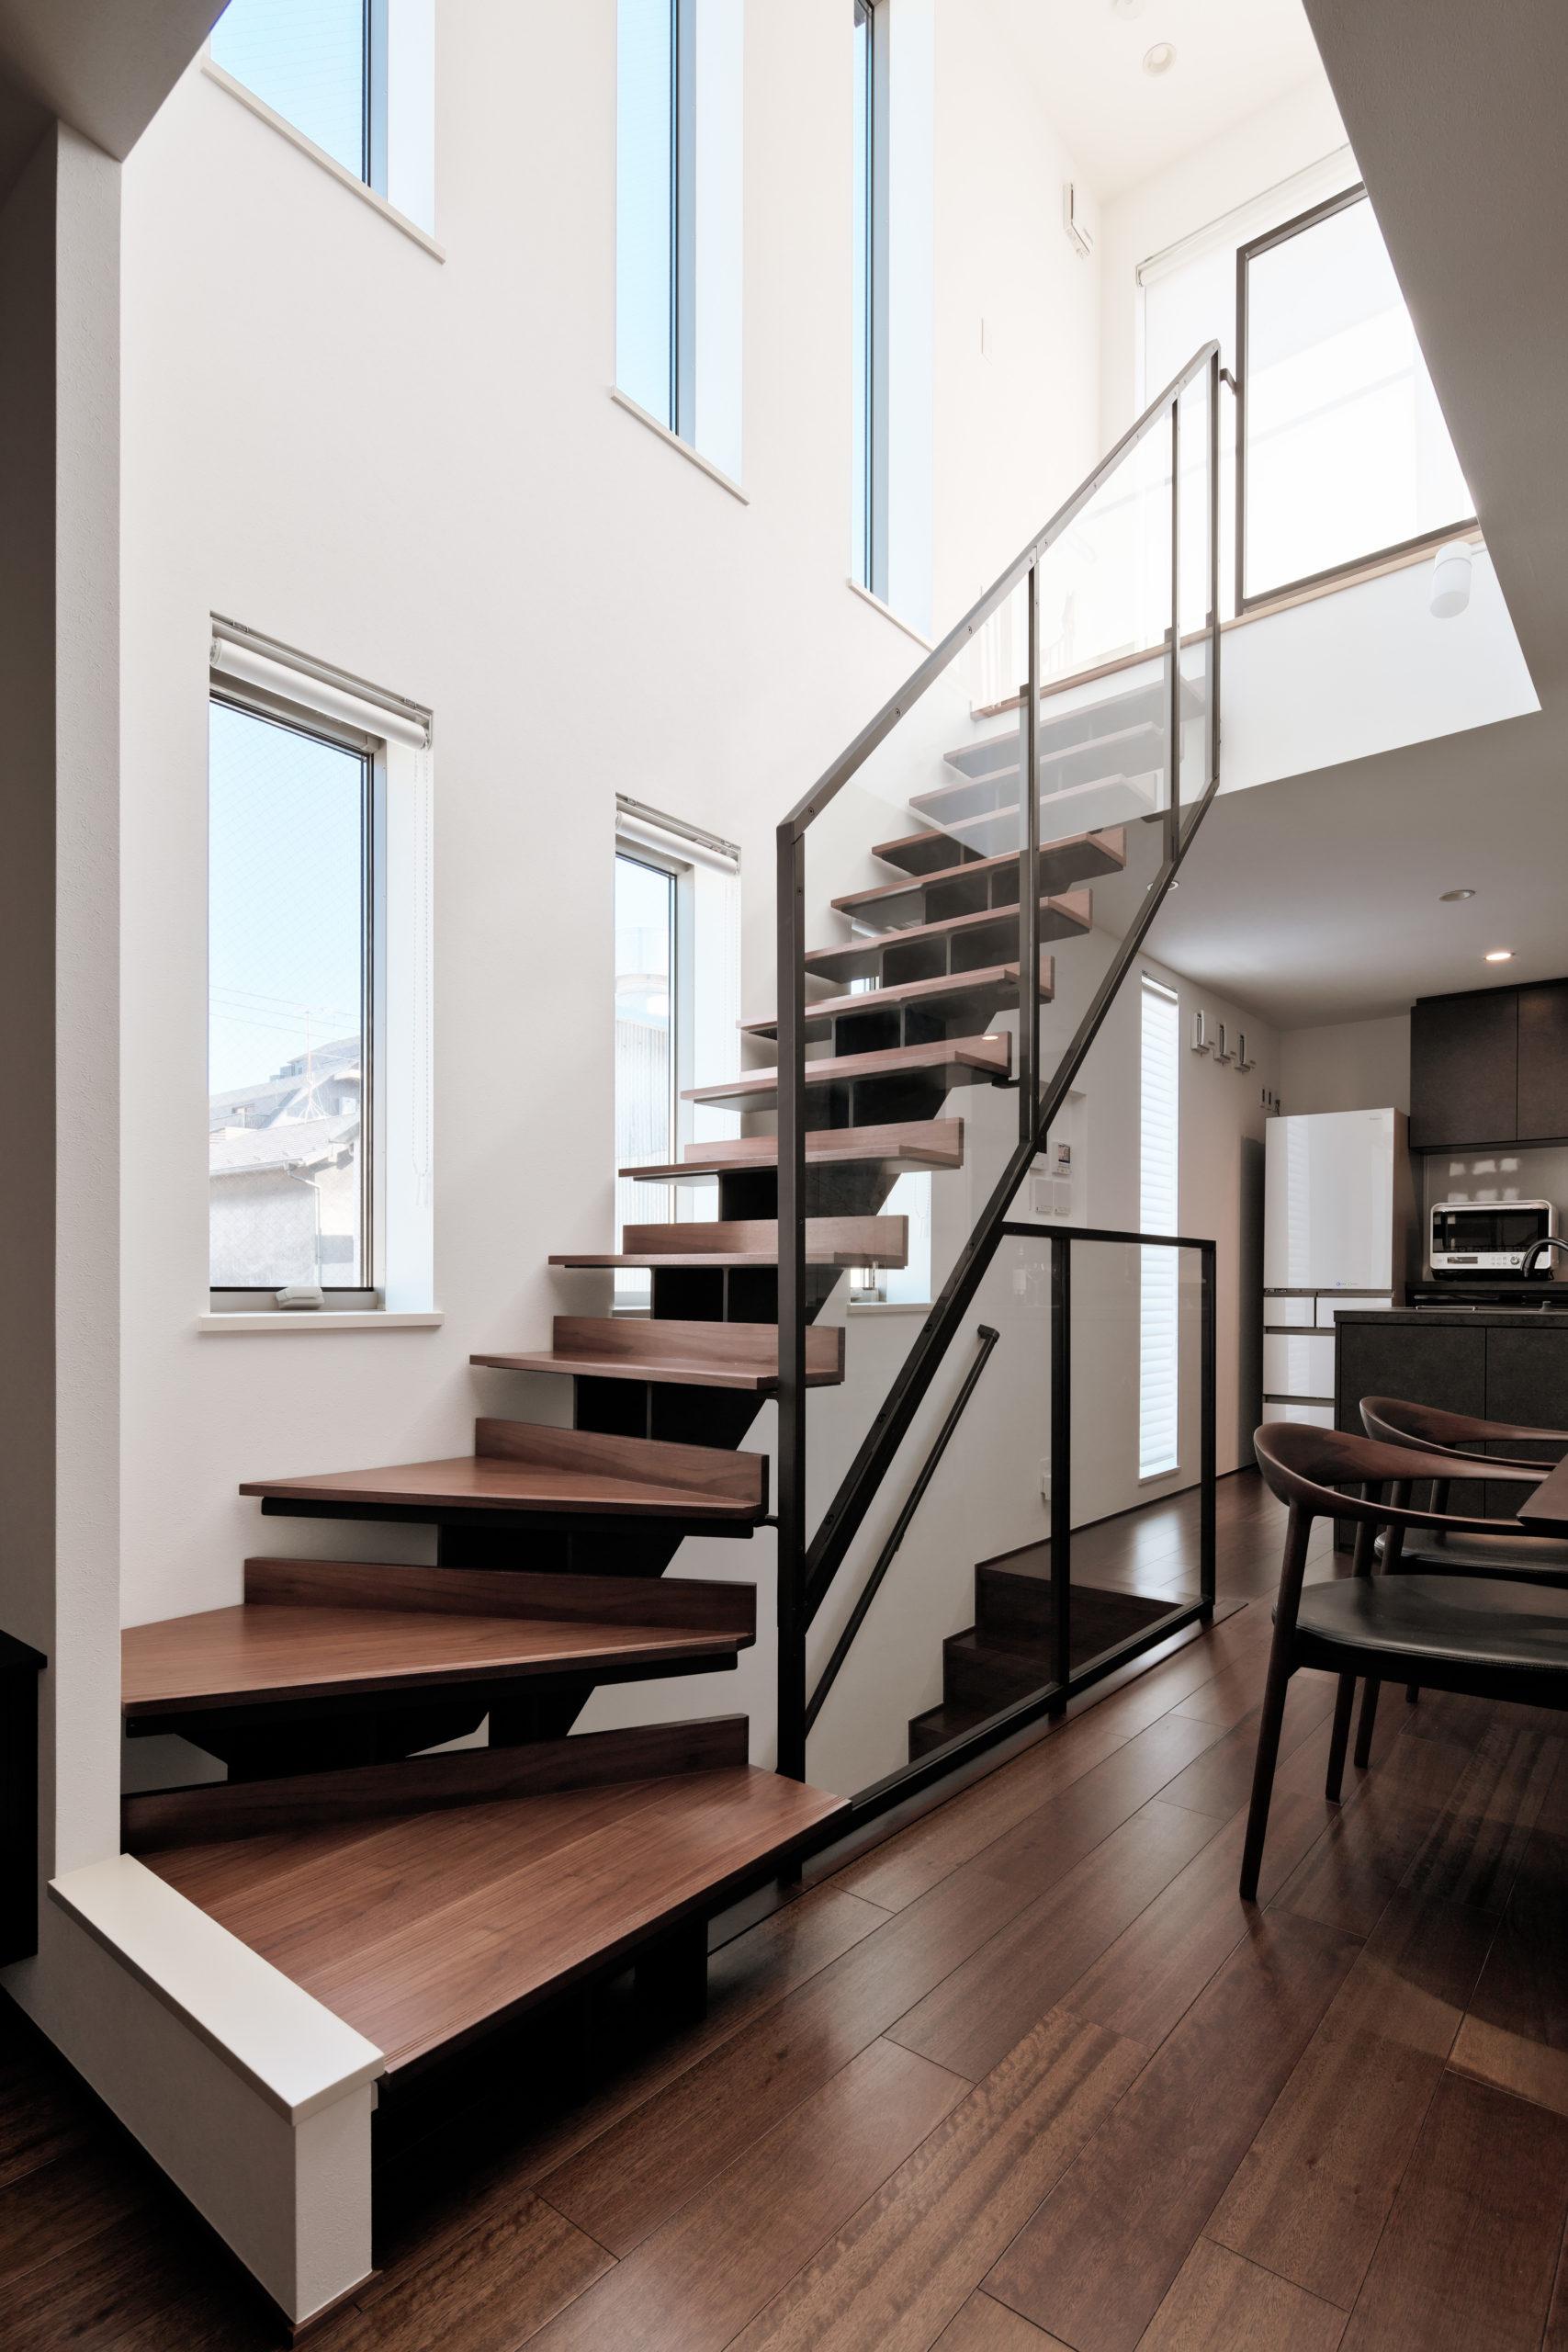 開放感を演出するスケルトン階段+吹き抜け